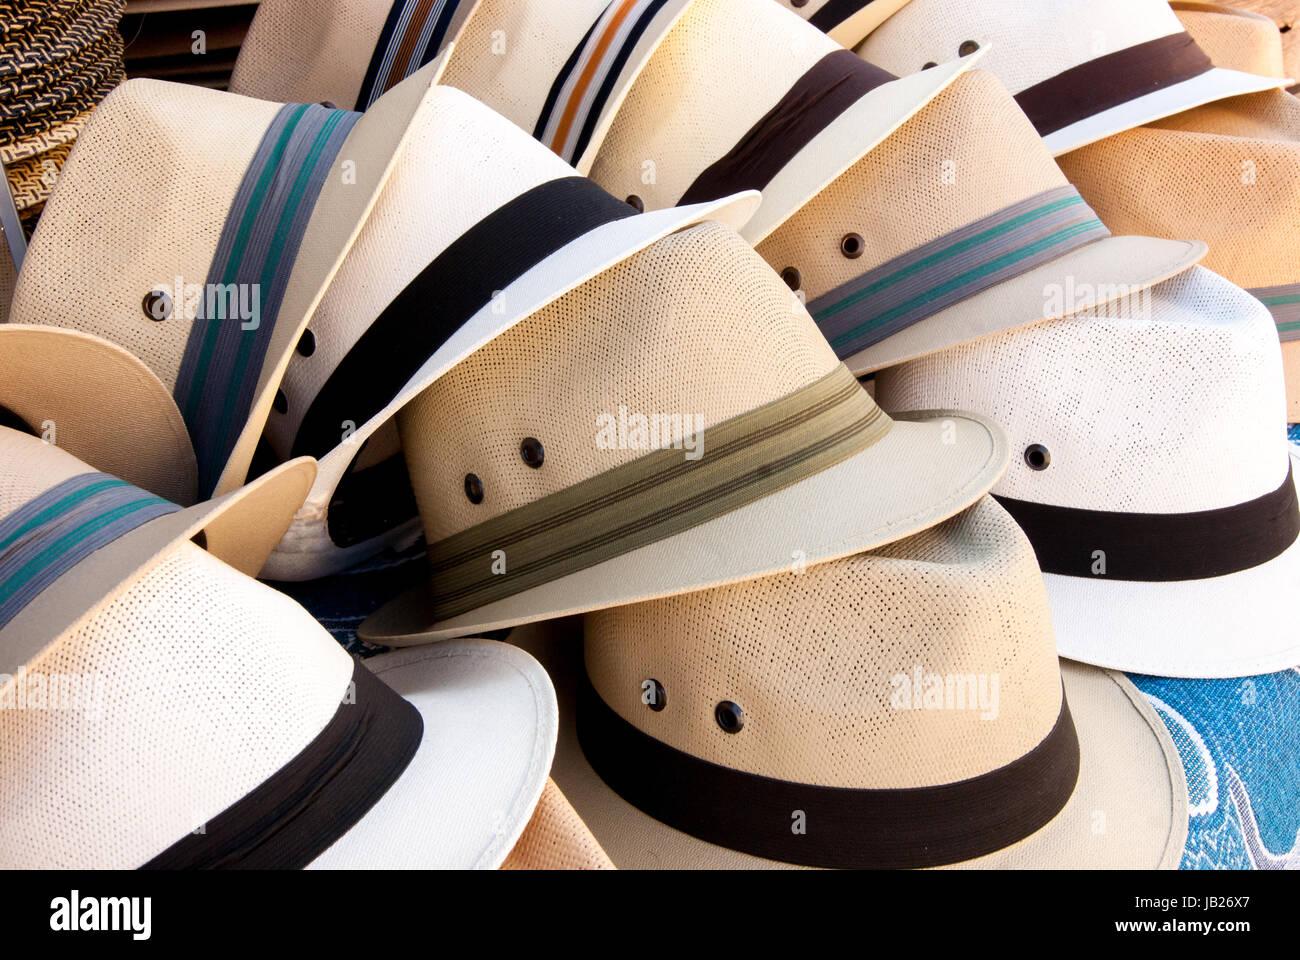 Un display creativo di cappelli a un mercato pubblico. Cappelli estivi, stile fedora cappello da sole. Immagini Stock